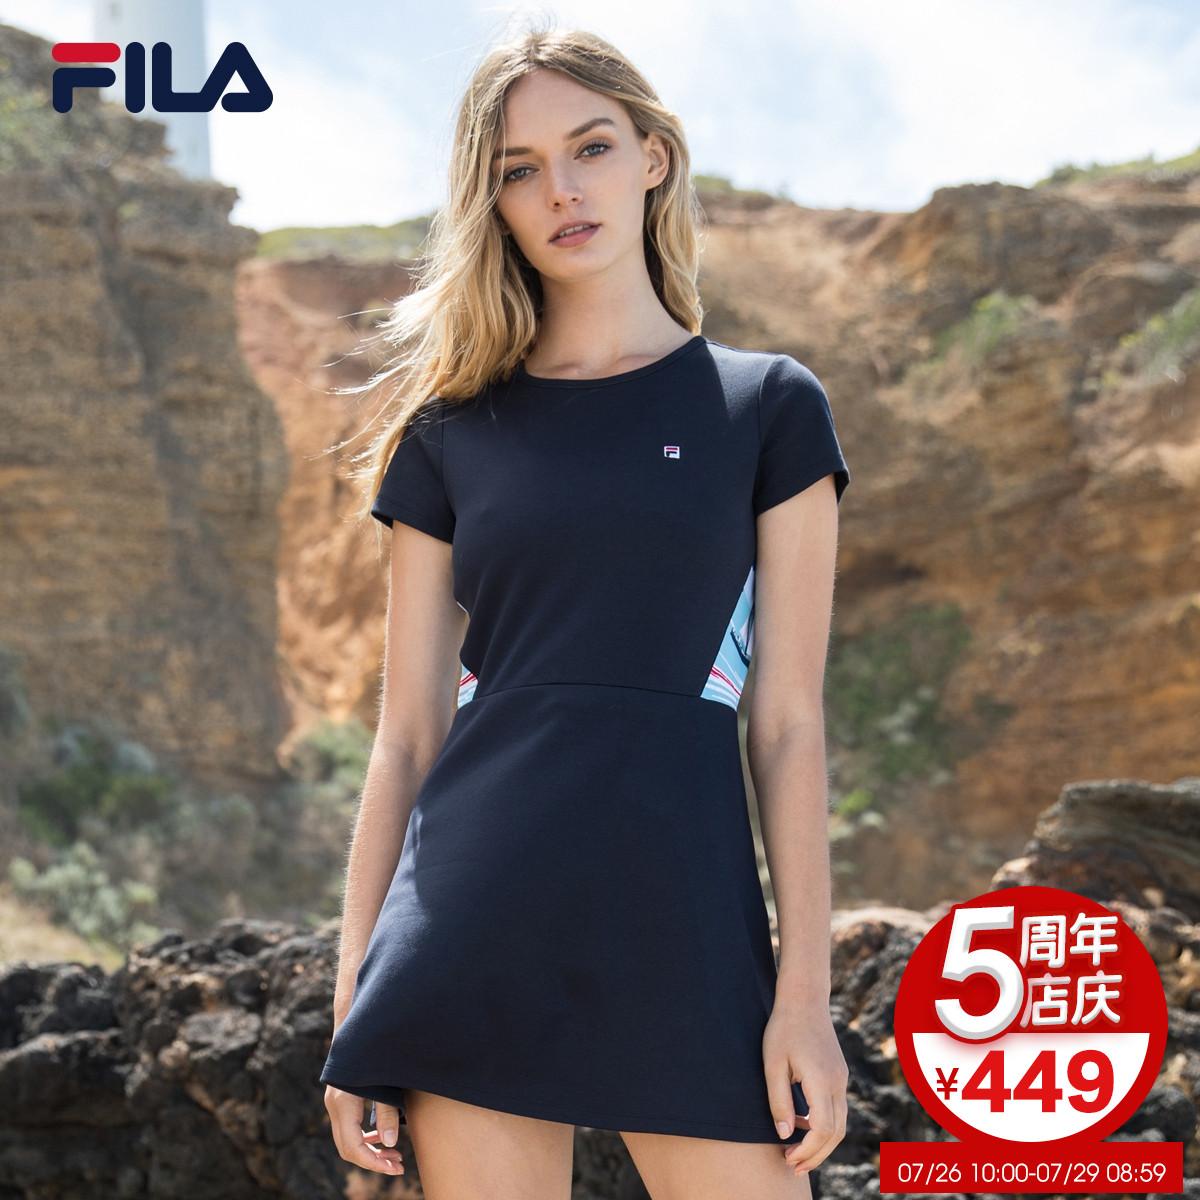 FILA Fila dress 2018 mùa hè mới đơn giản thanh lịch thoải mái thể thao thoáng khí ăn mặc giản dị